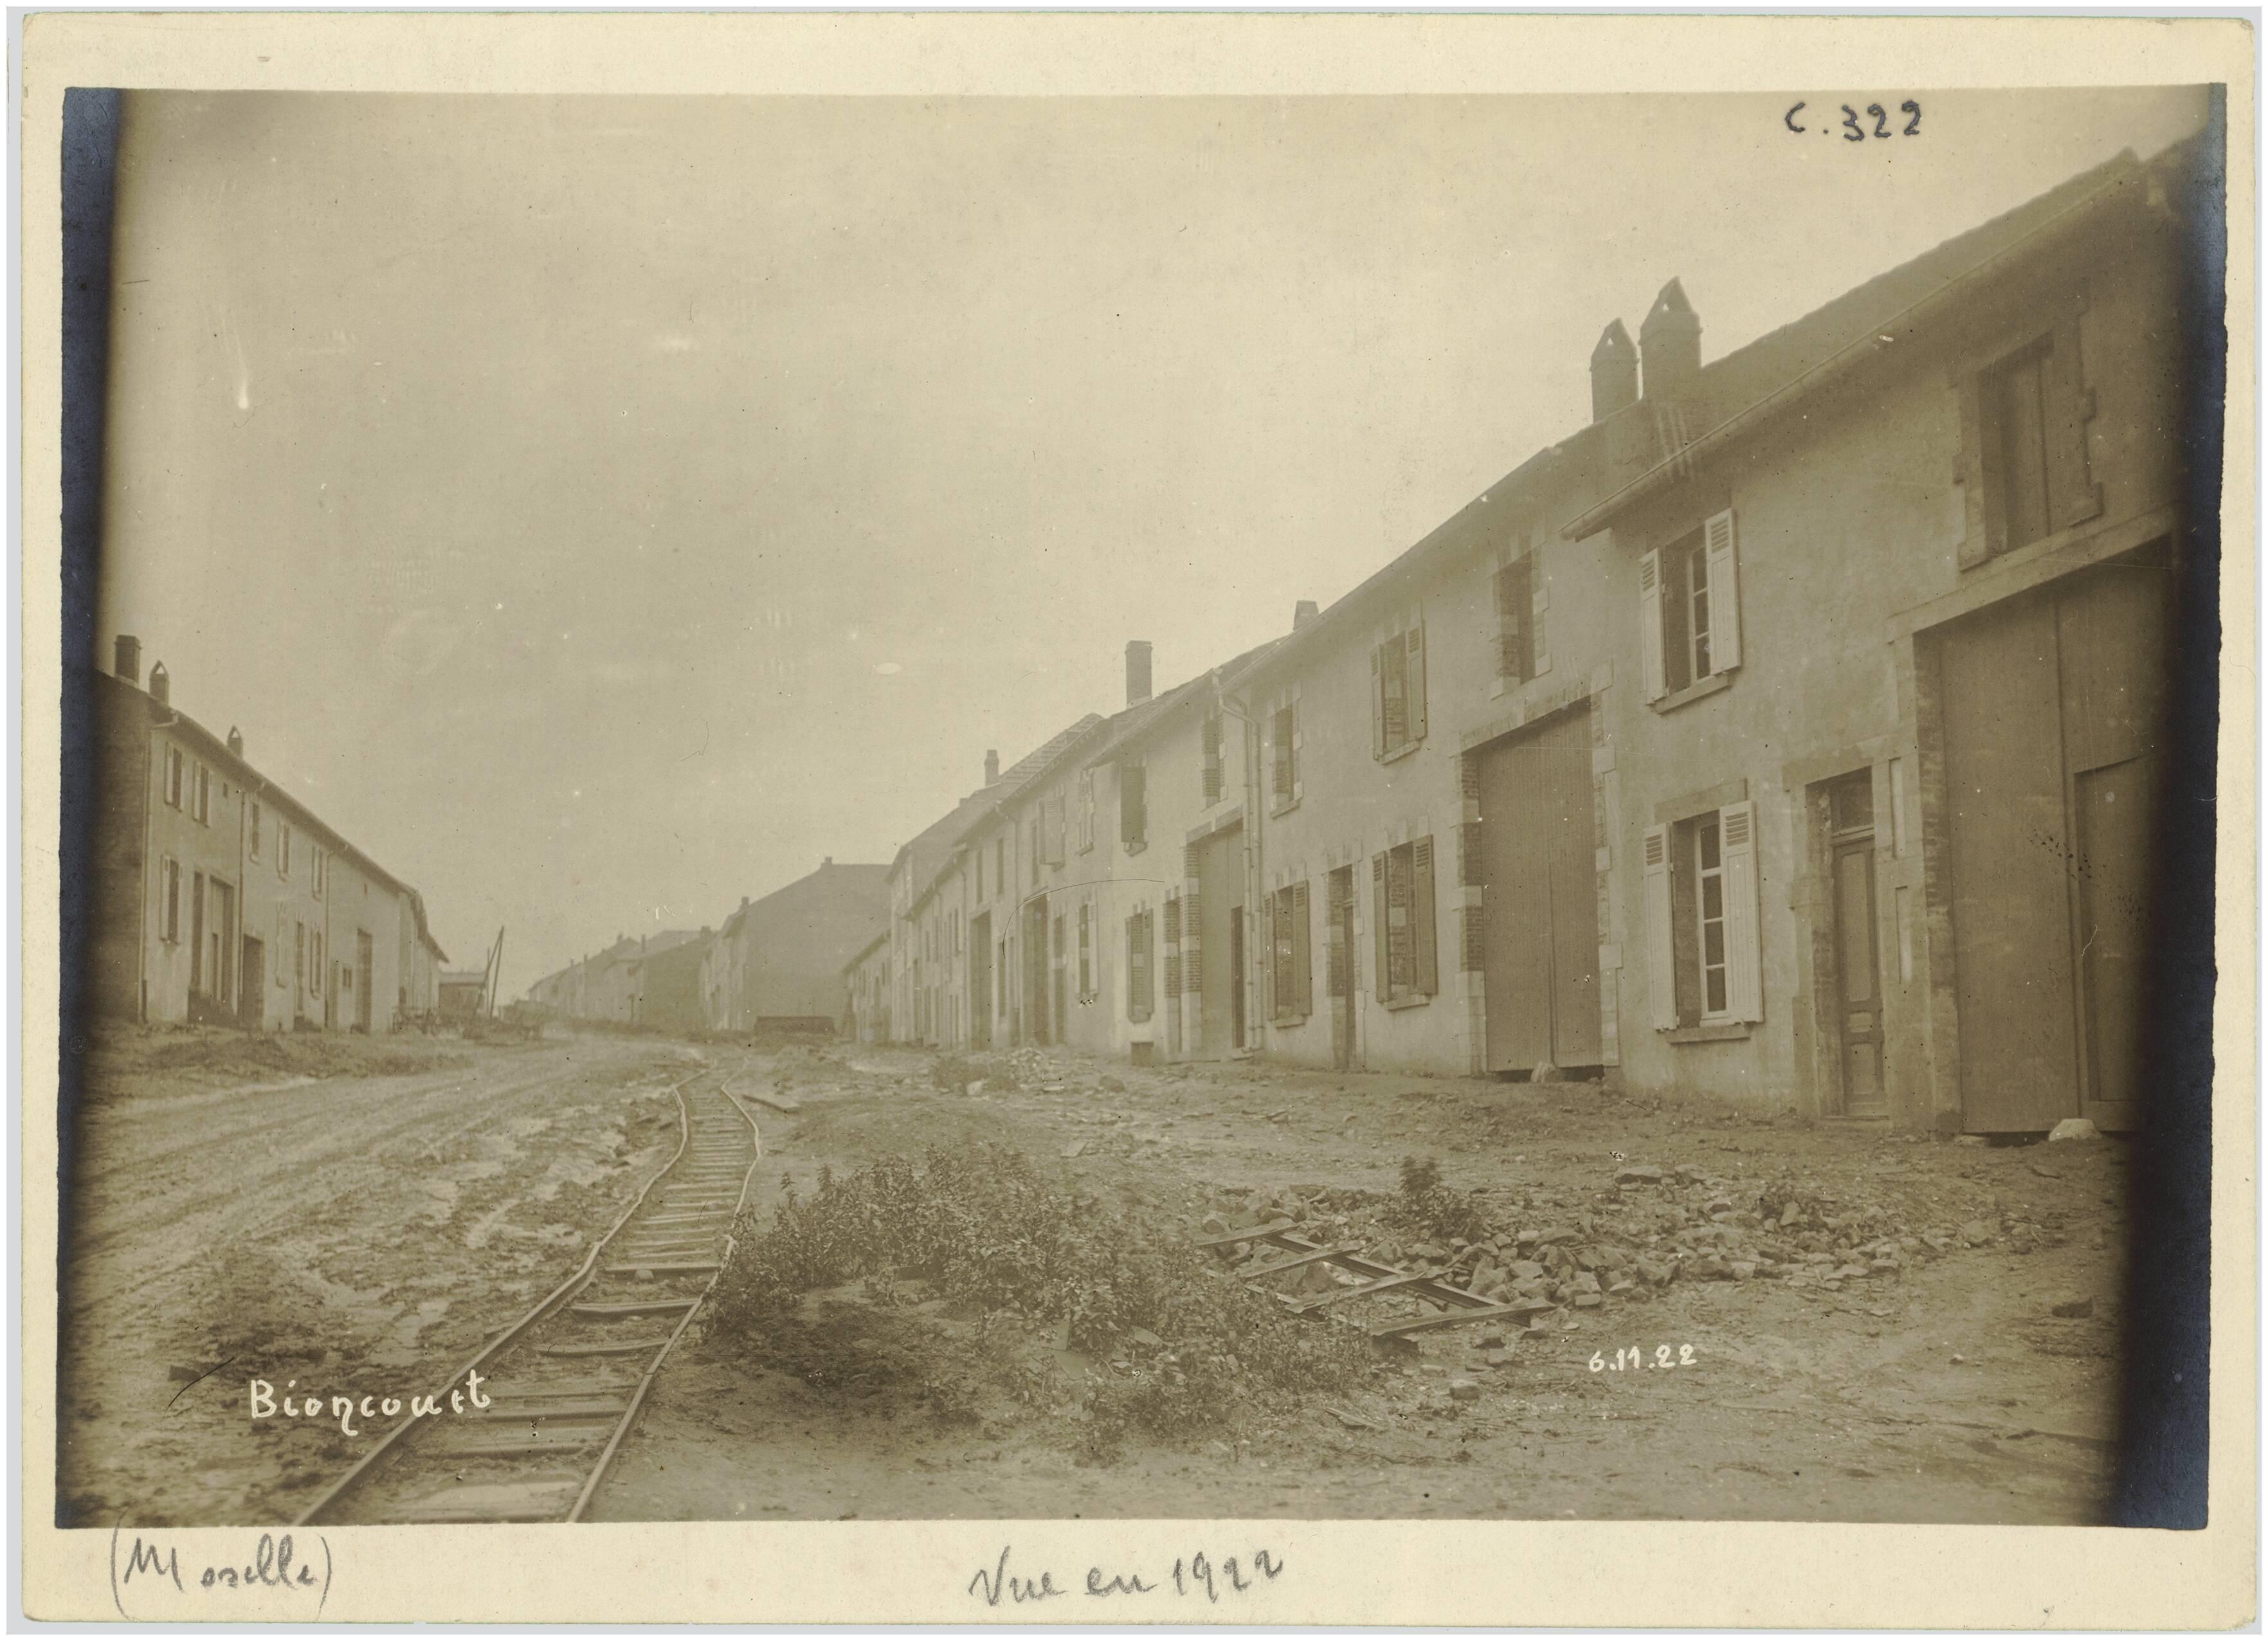 BIONCOURT (MOSELLE). VUE EN 1922